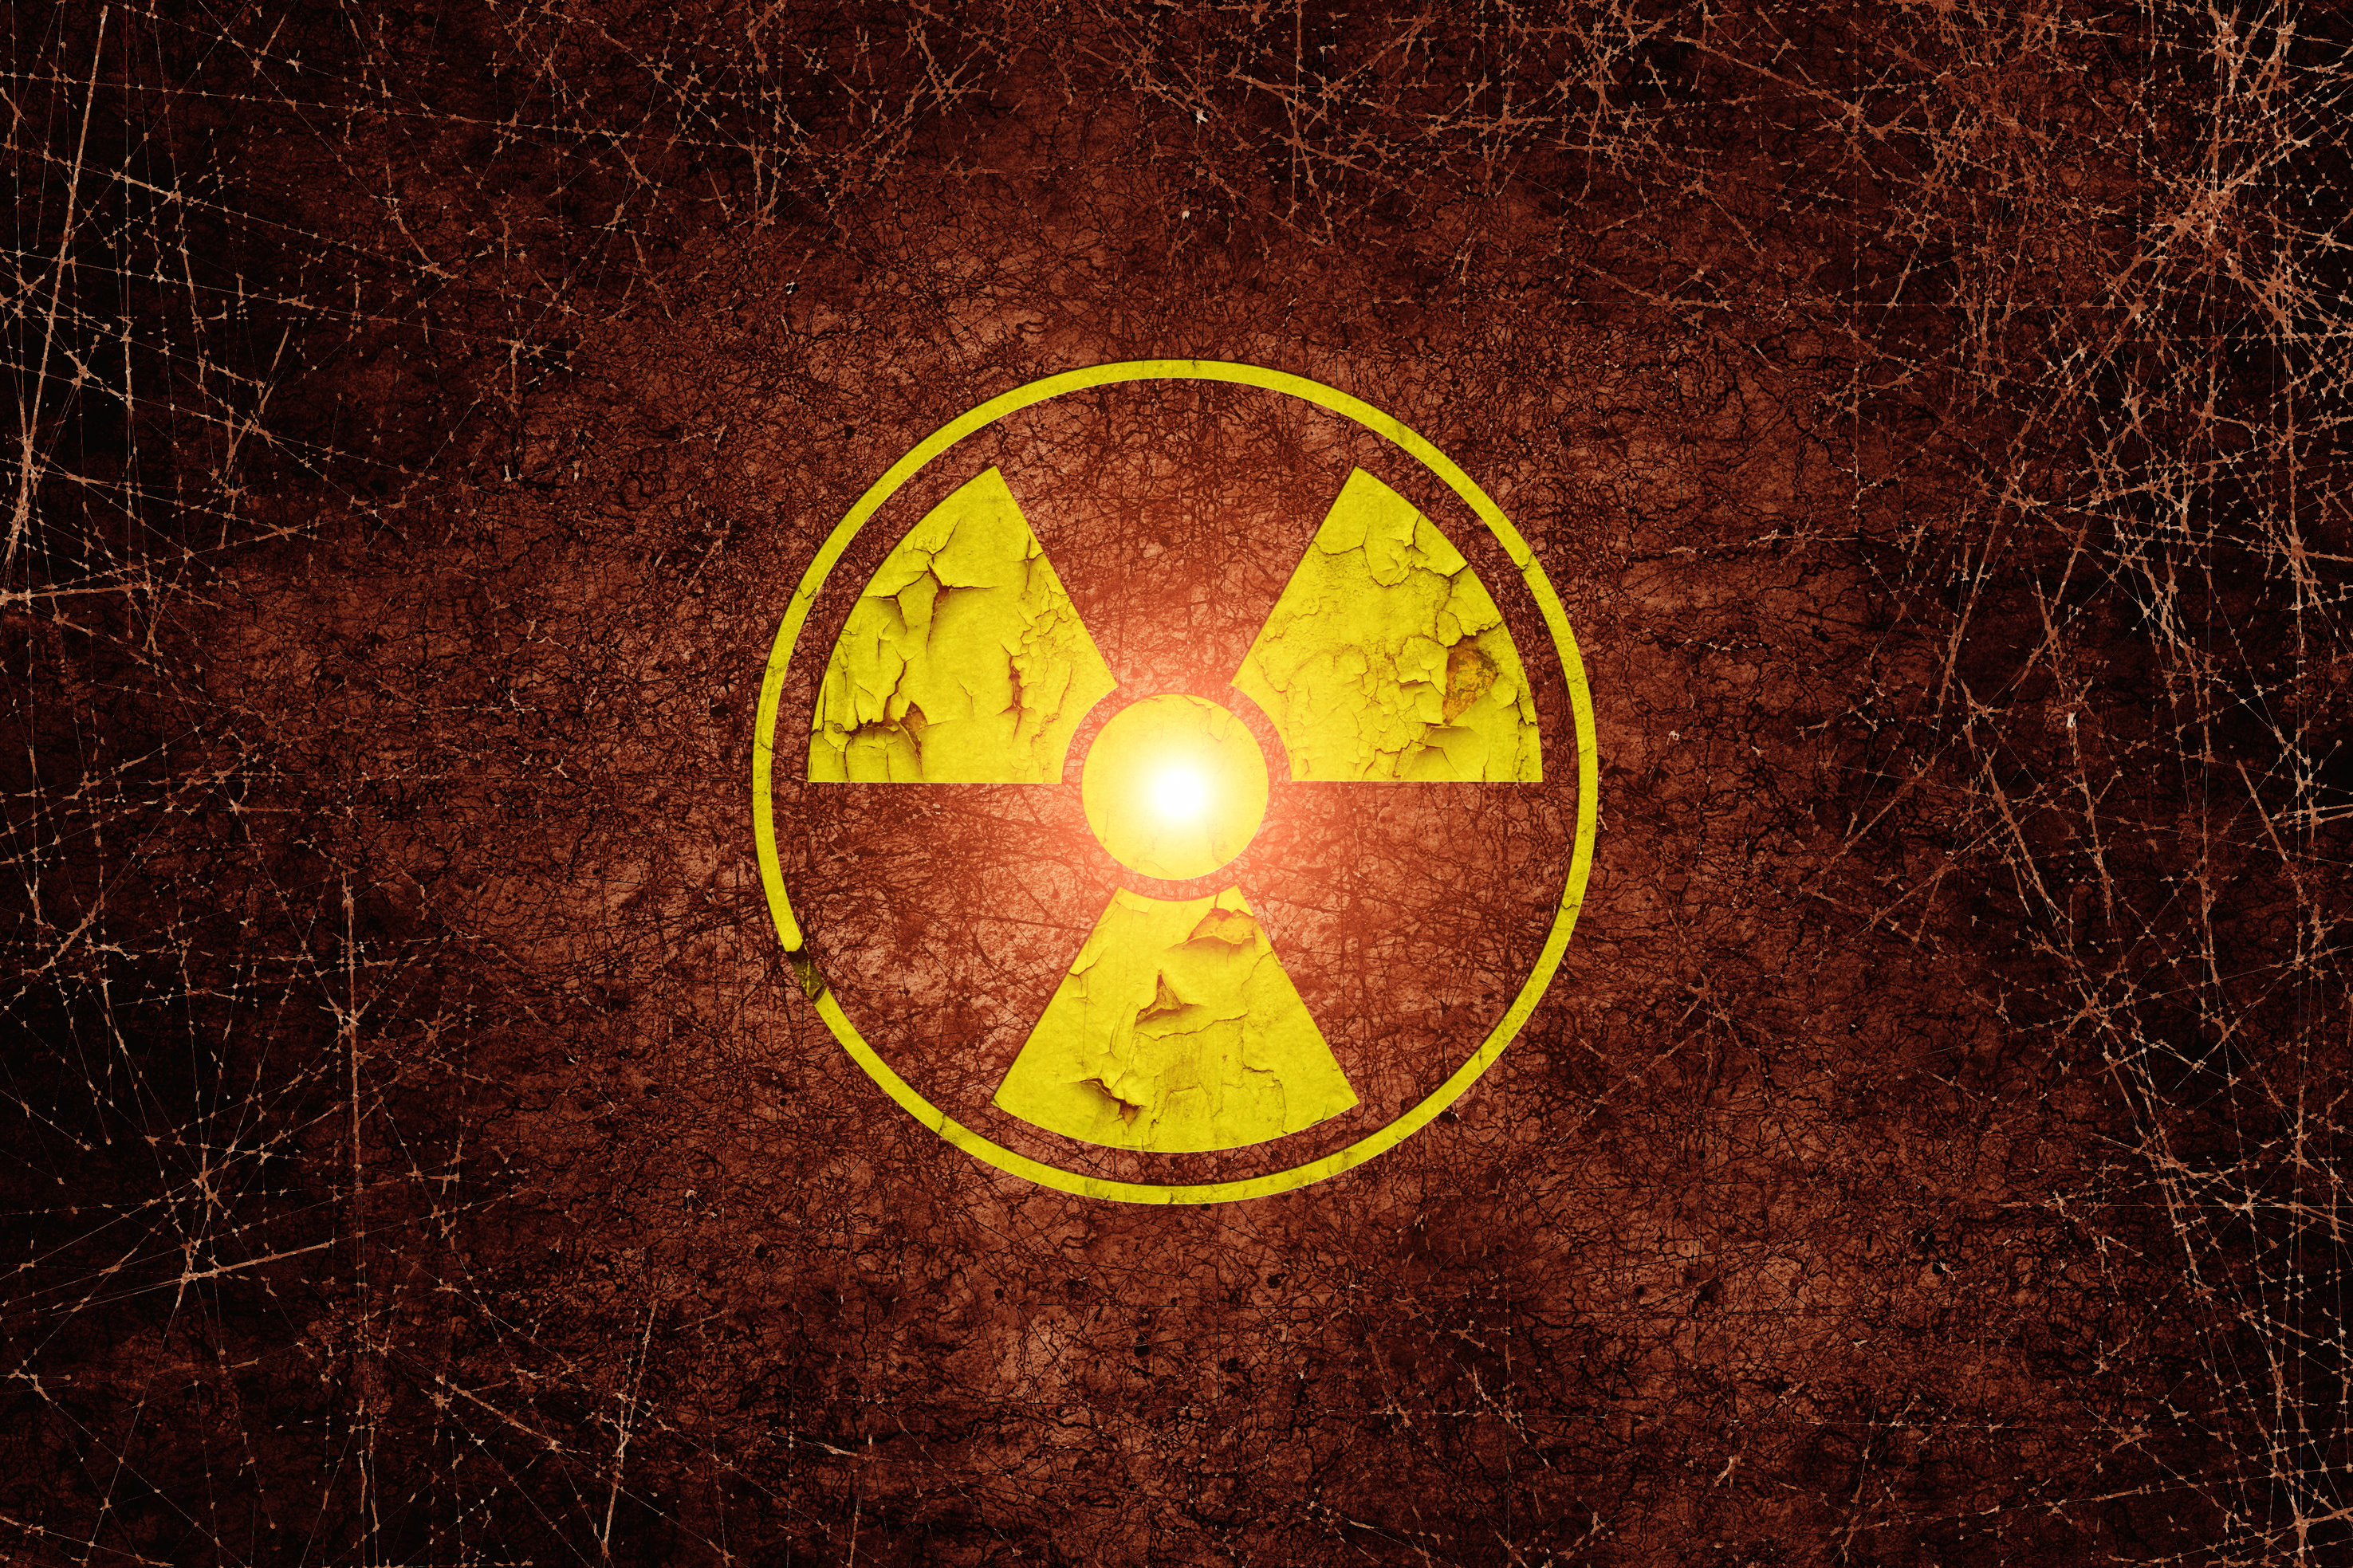 胖丁呷麵|埋首核廢料33年 伊朗學者挖出癌症神藥:這不是垃圾